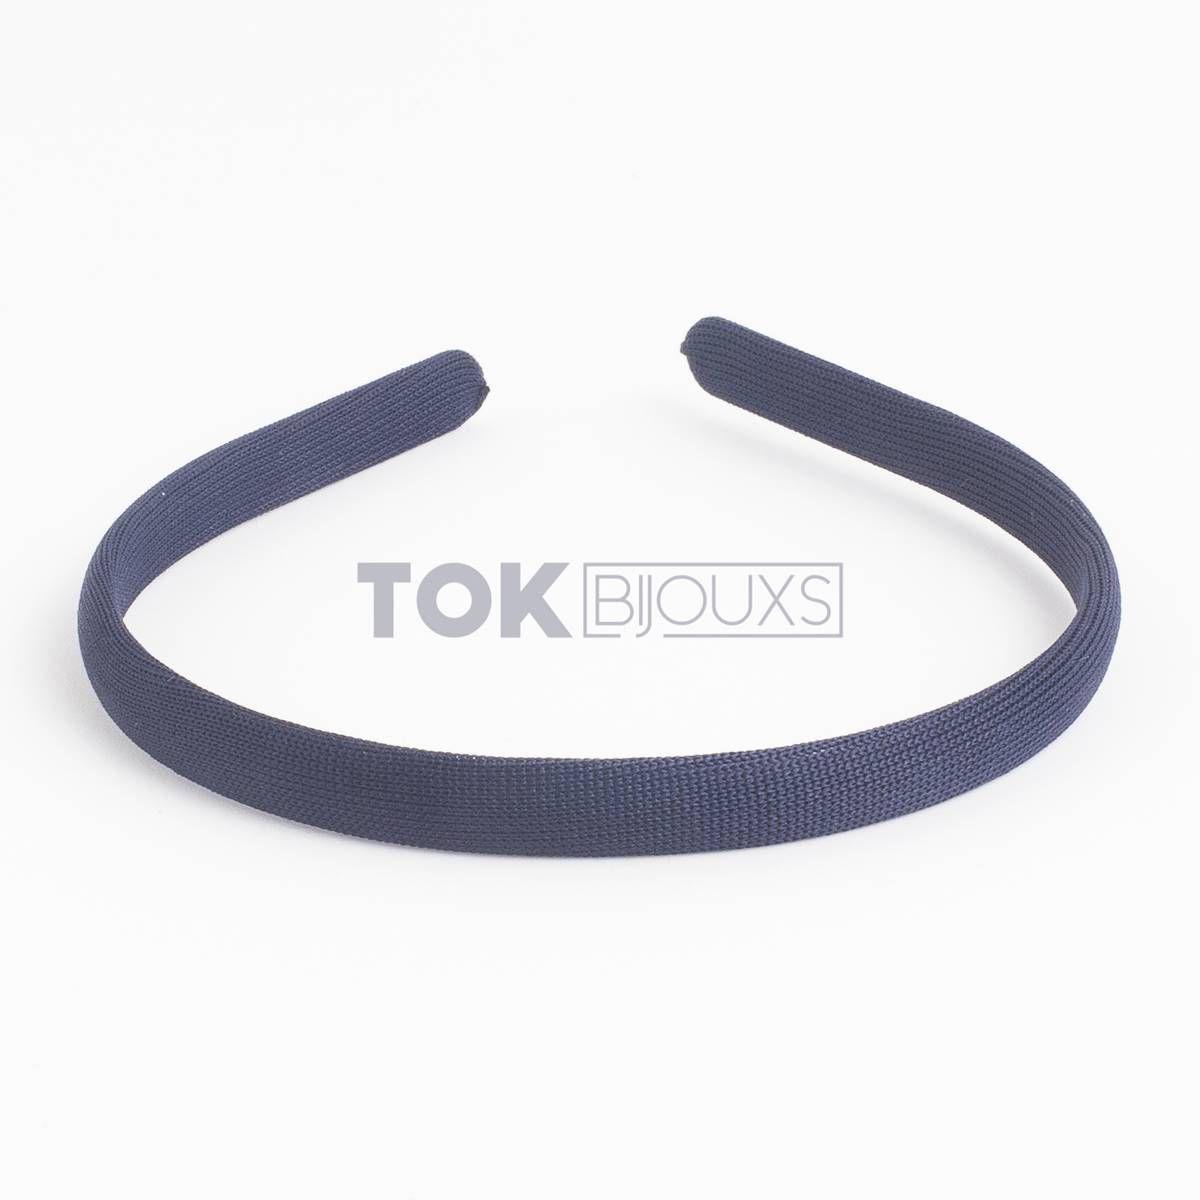 Tiaras Encapadas 10mm - Azul Marinho - 12Unid